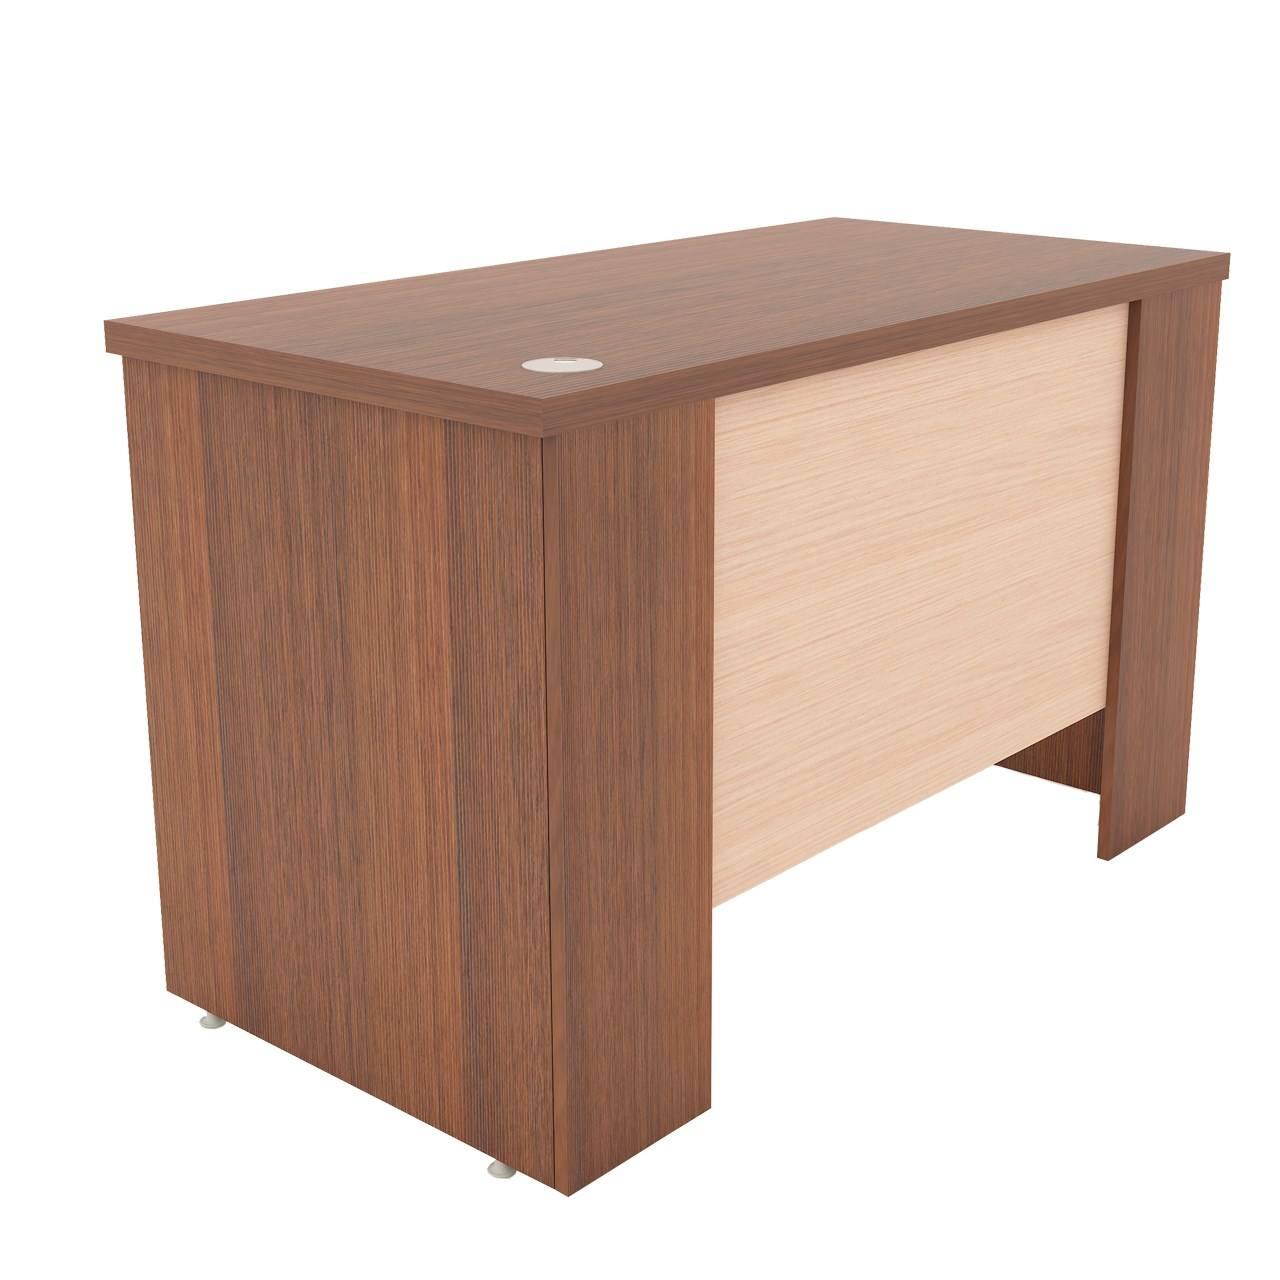 میز اداری مدل Desk 005